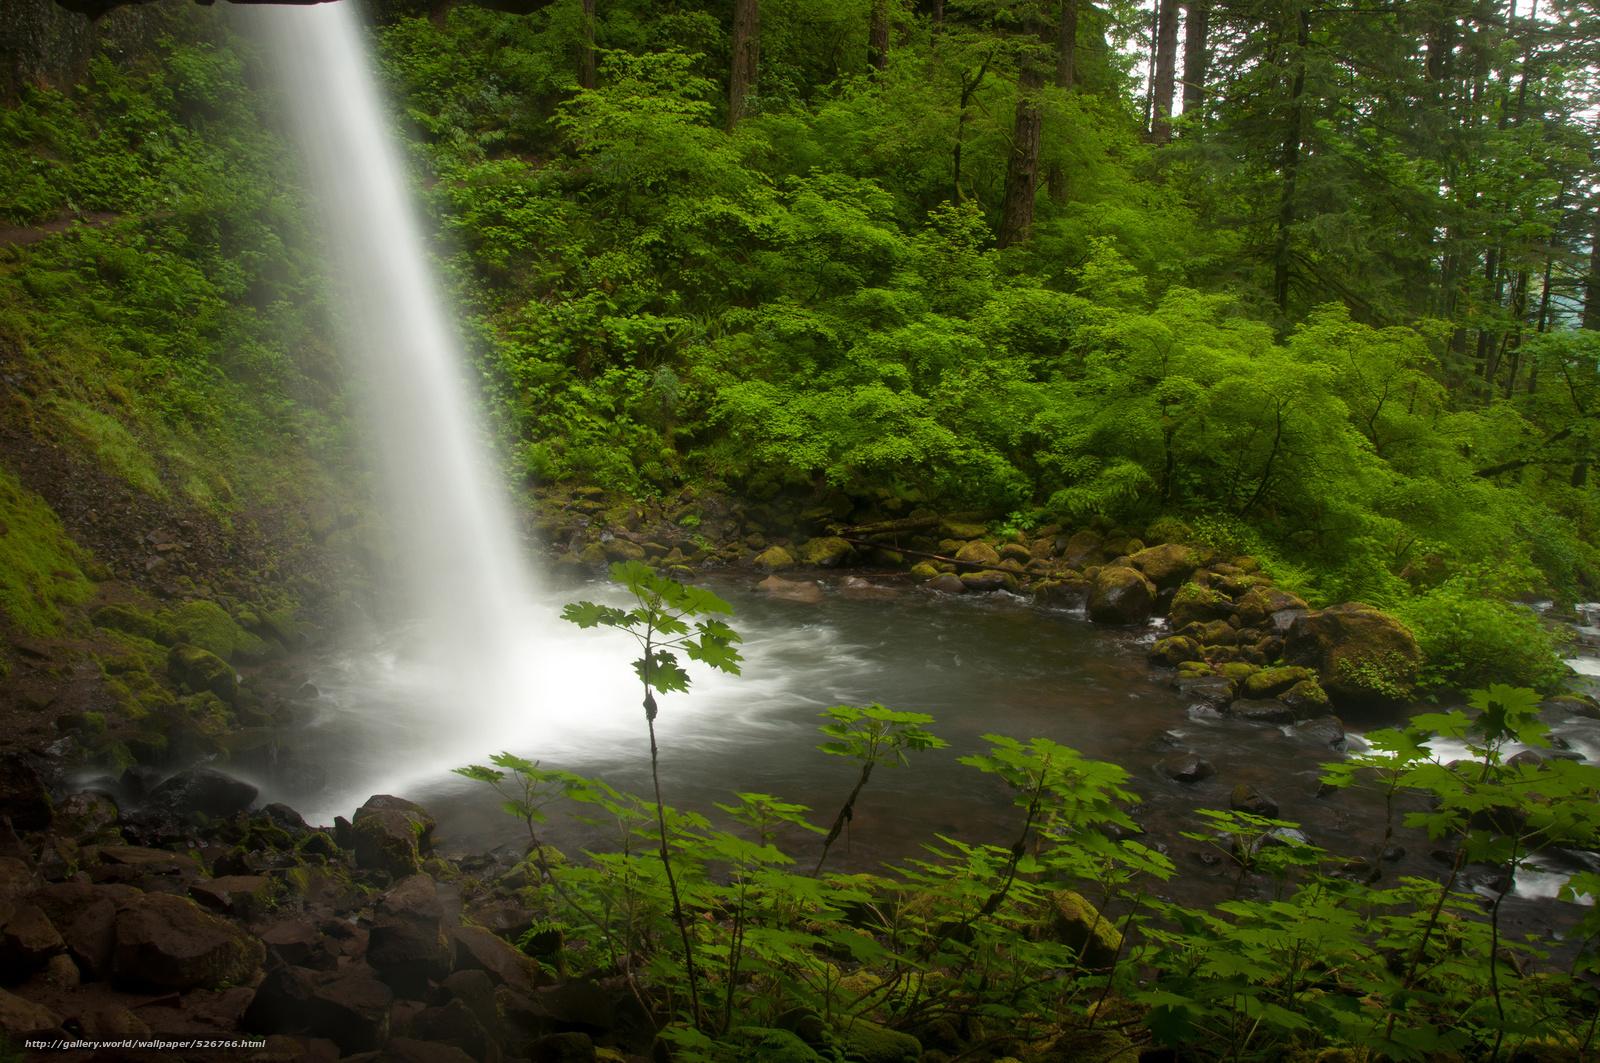 Скачать обои ponytail falls,  columbia river,  oregon,  река Колумбия бесплатно для рабочего стола в разрешении 2048x1360 — картинка №526766